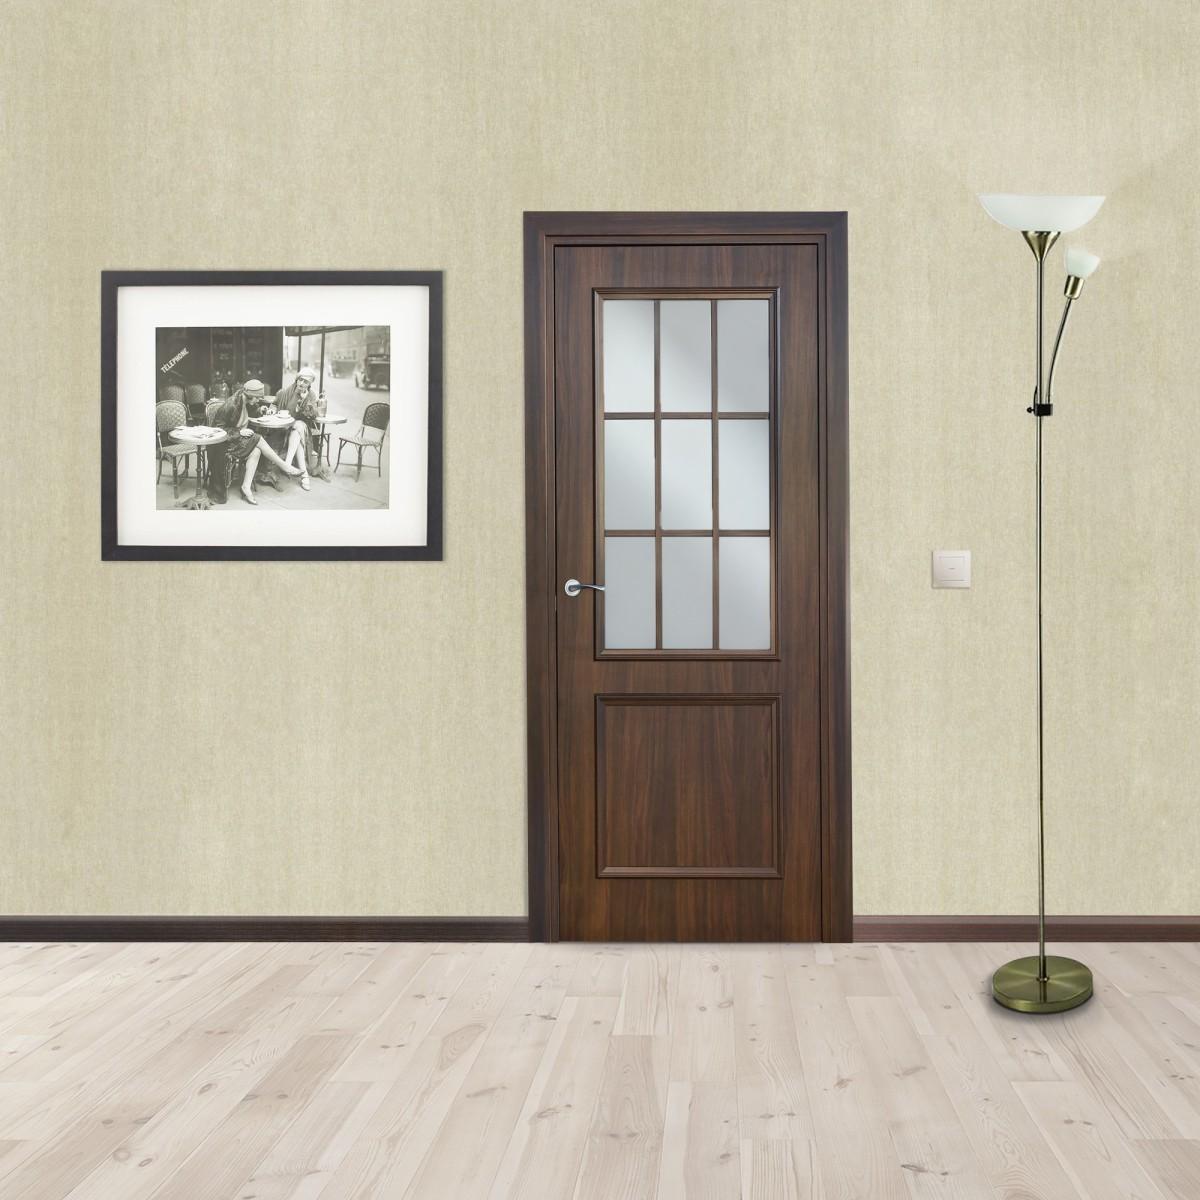 Дверь Межкомнатная Остеклённая Altro 80x200 Ламинация Цвет Орех Марроне